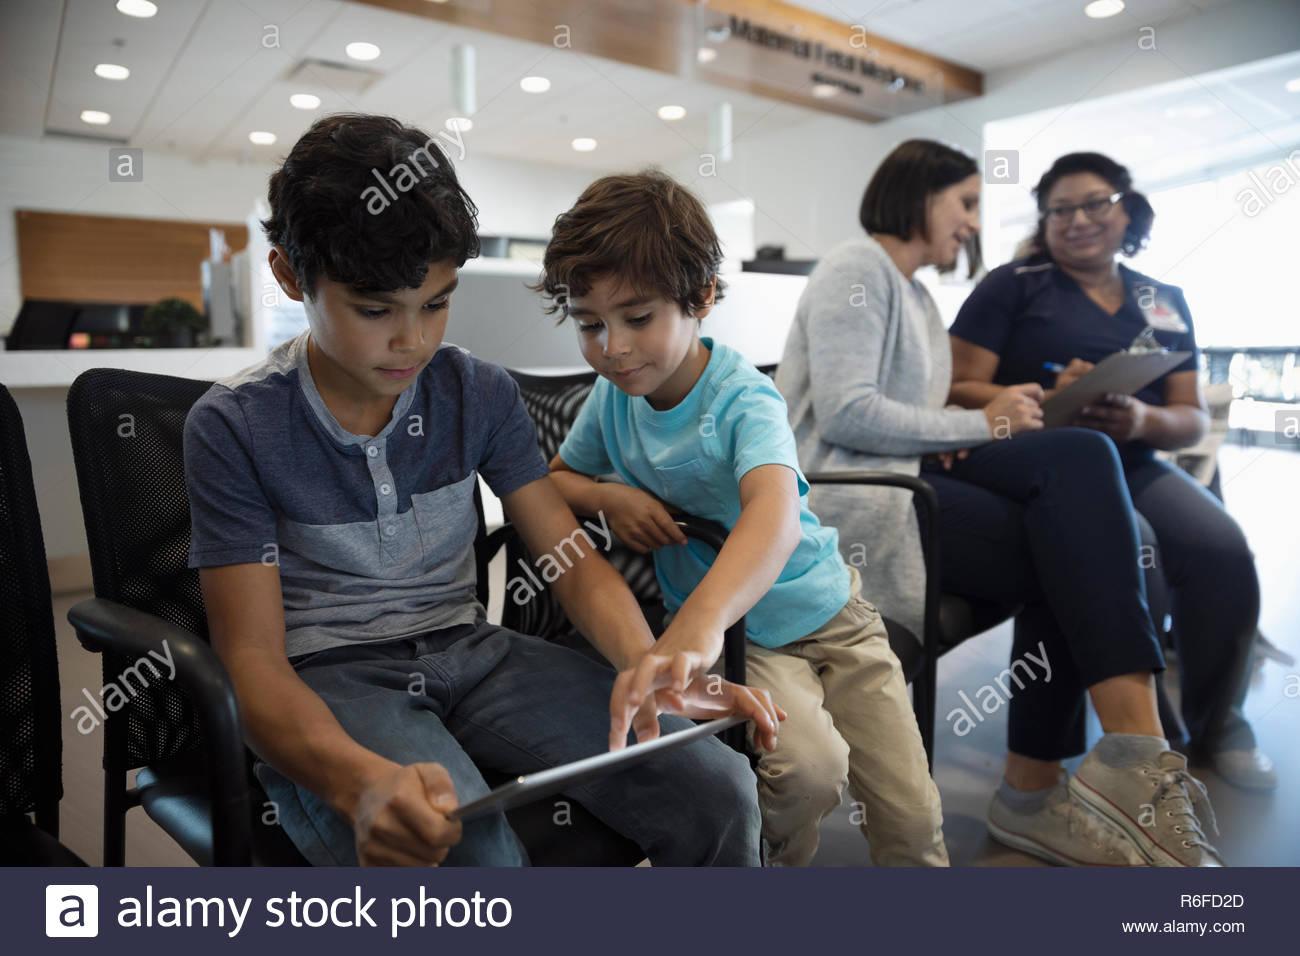 Los niños con tableta digital mientras la madre y la enfermera hablar en sala de espera de la clínica Imagen De Stock